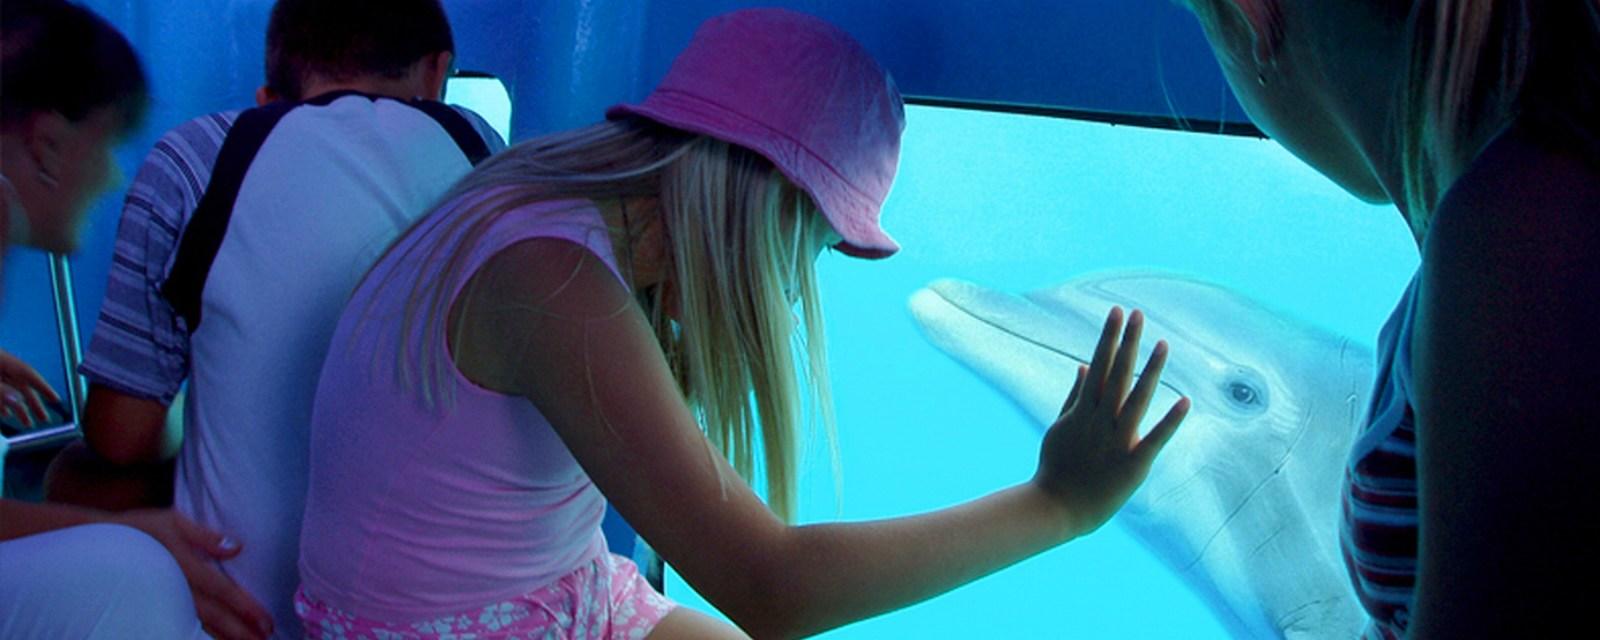 Otroci so najbolj hvaležni za tole vodno izkušnjo. Na sliki delfin komunicira s punčko.